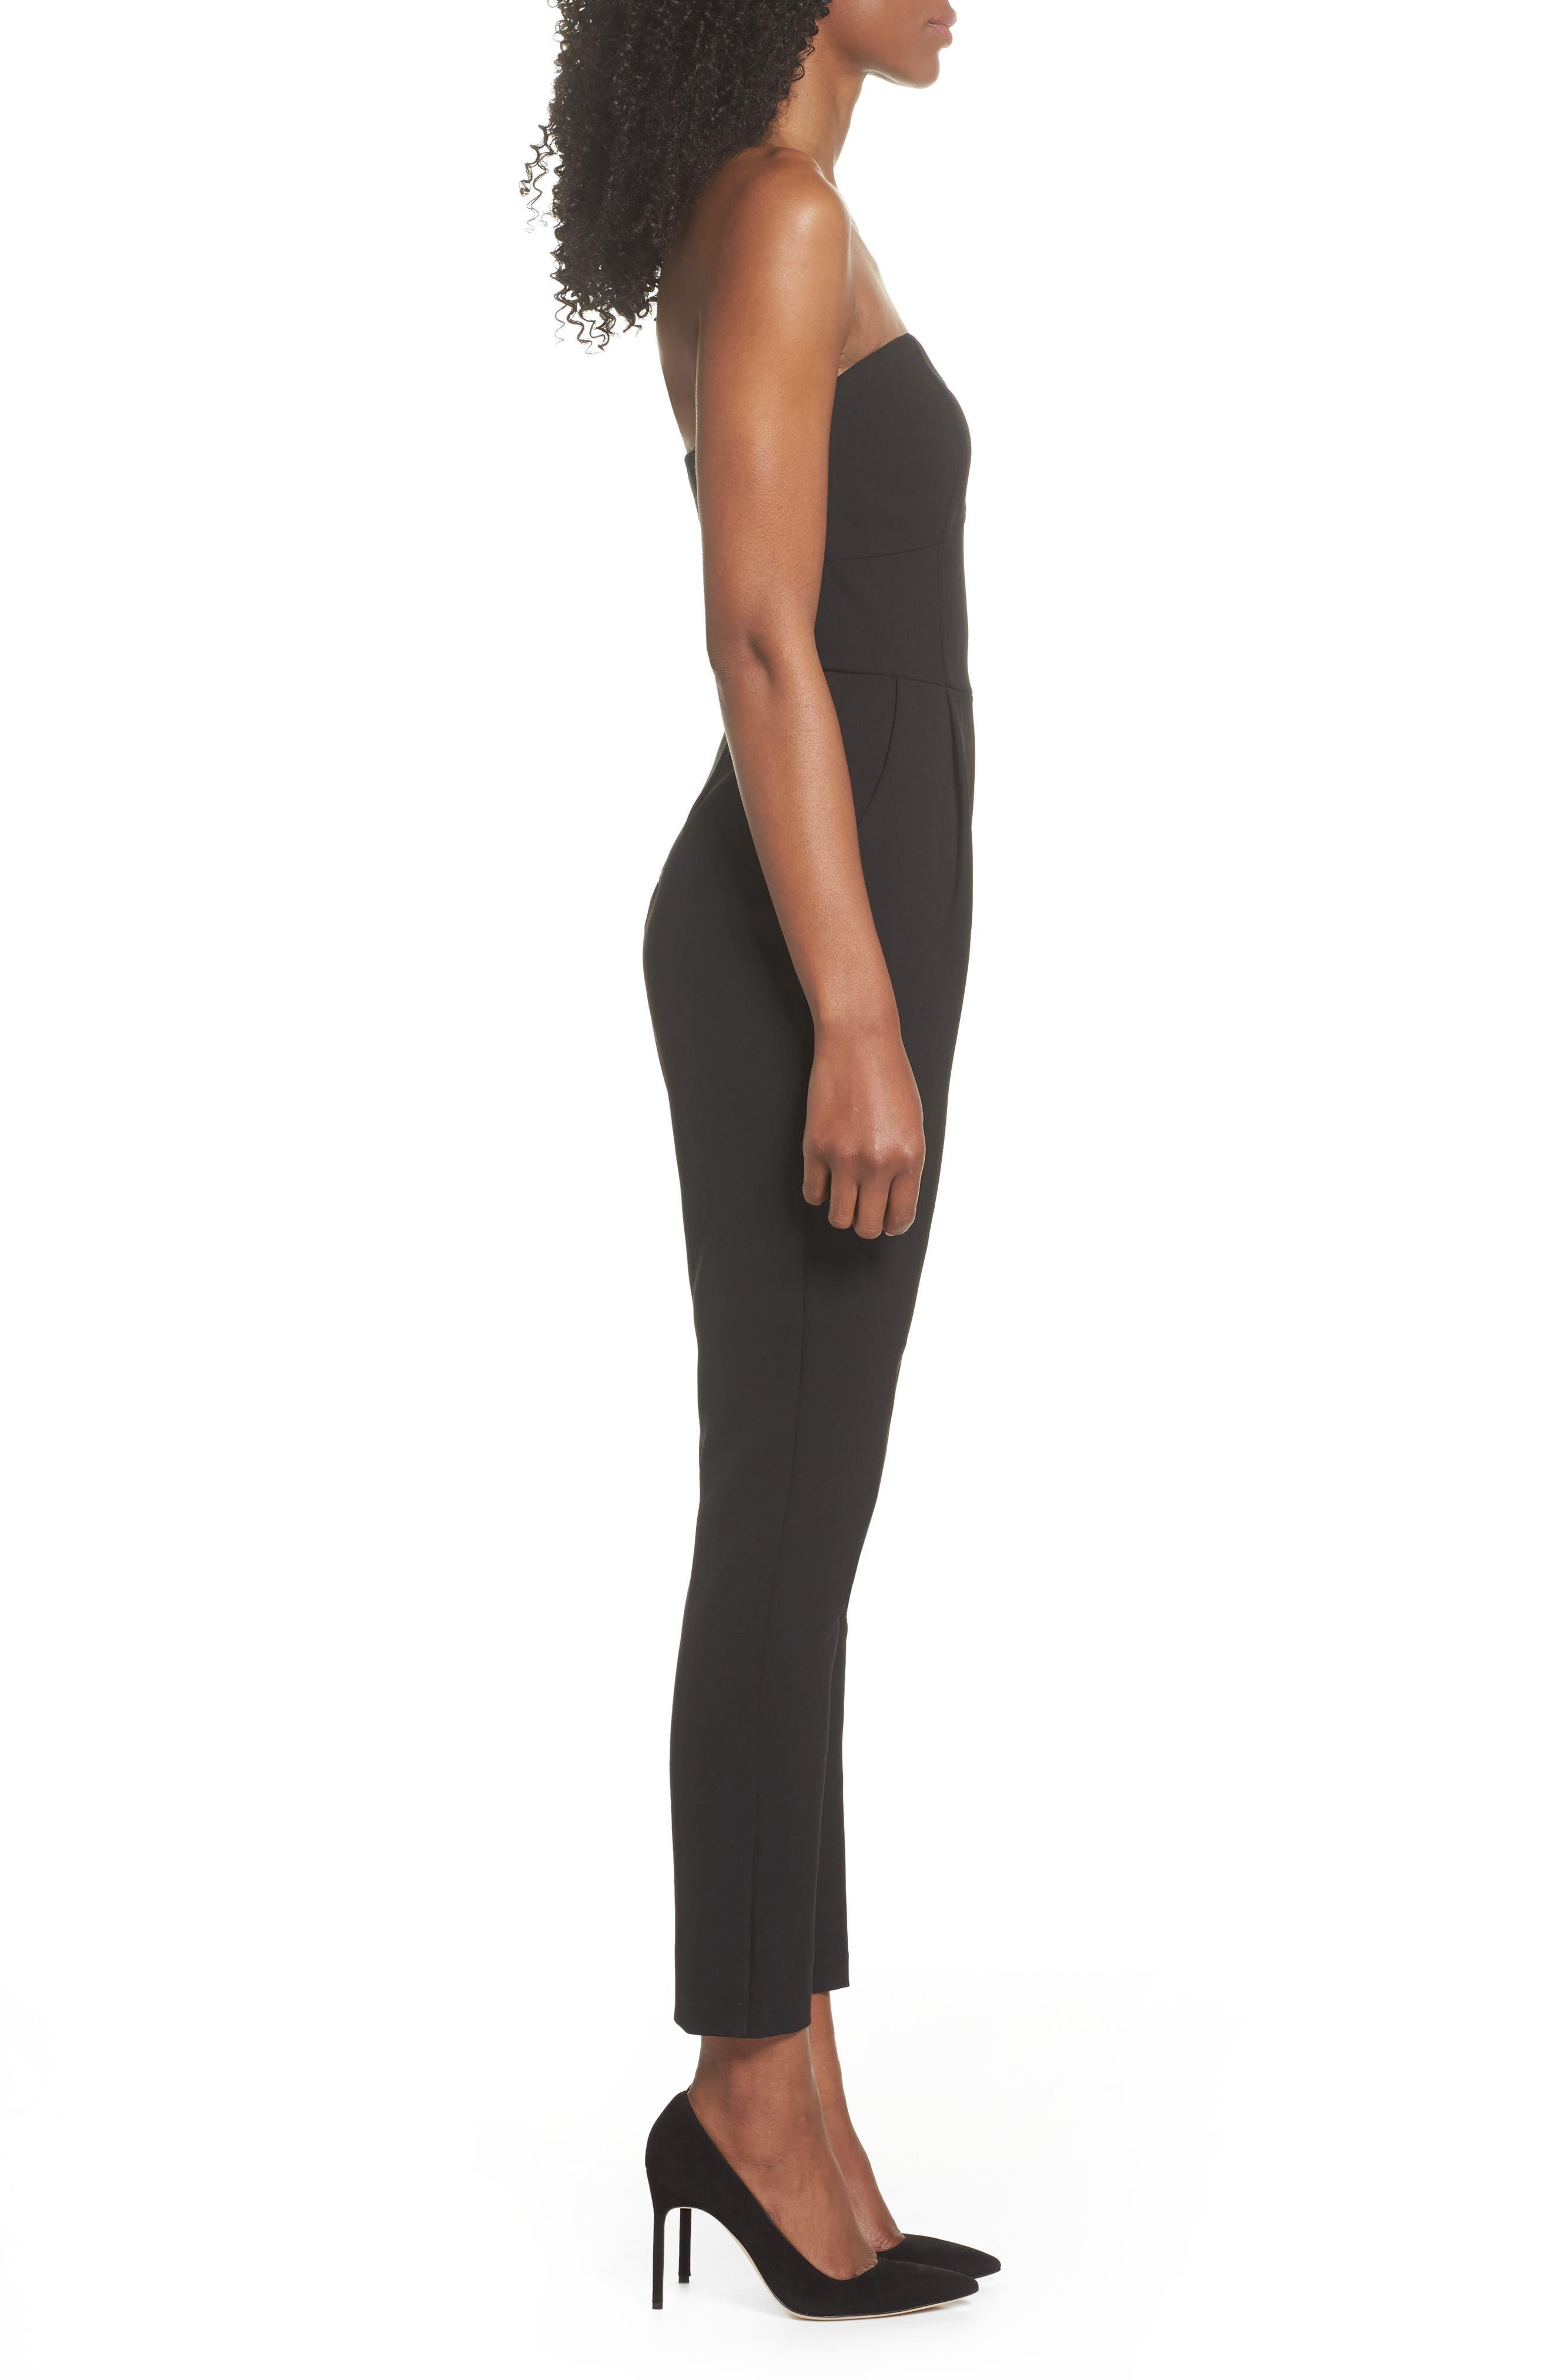 ADELYN RAE, Strapless Slim Leg Jumpsuit, Alternate thumbnail 4, color, 001